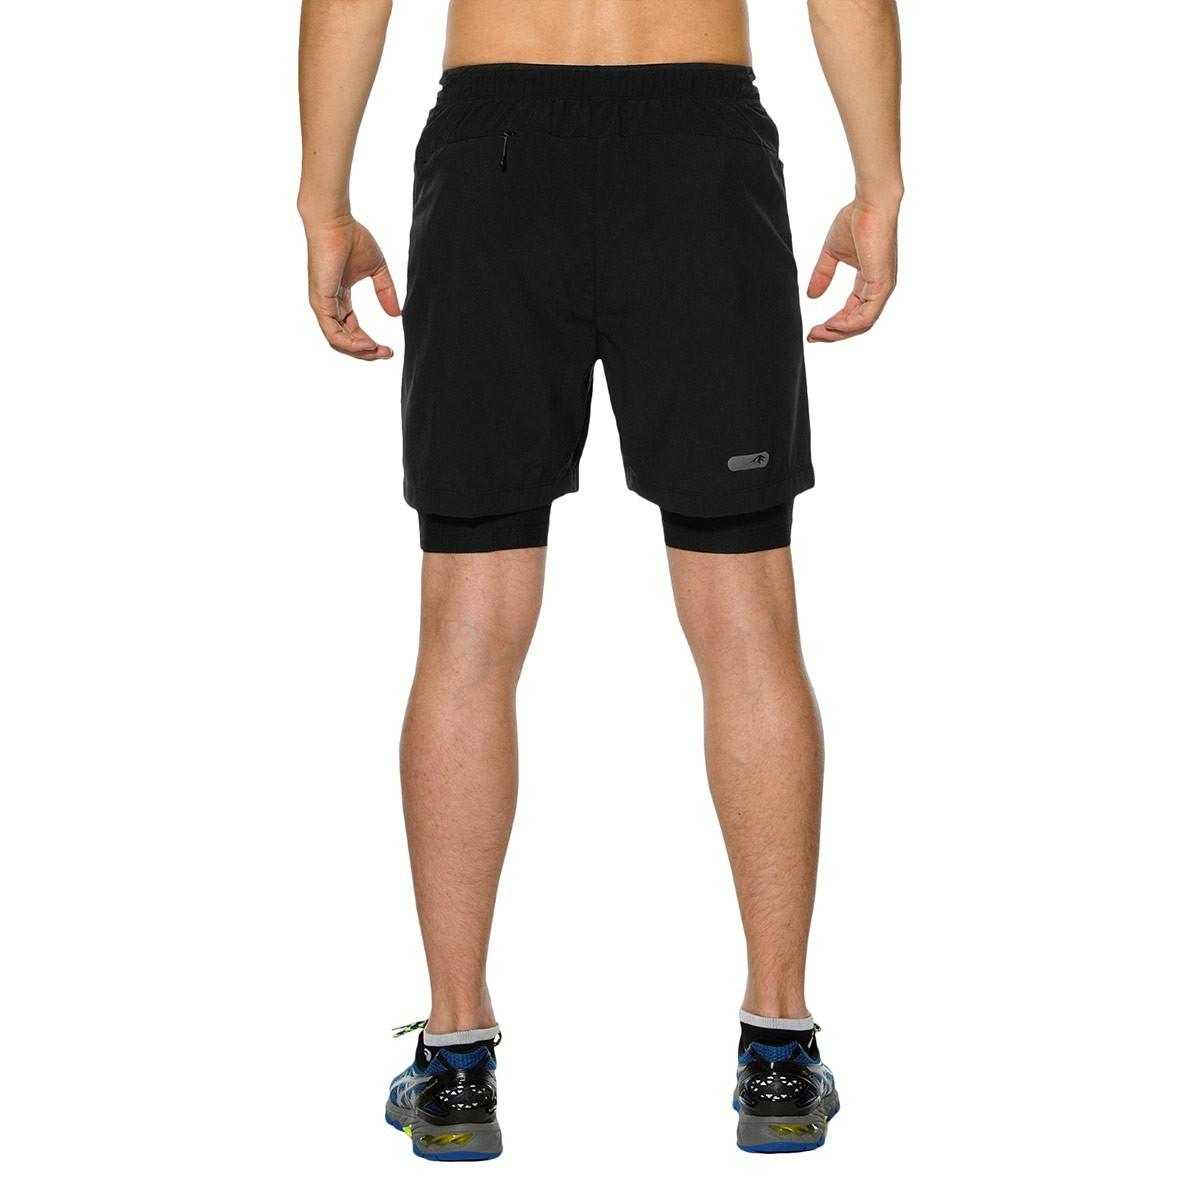 Мужские шорты-боксеры для бега Asics M'S FujiTrail 2in1 (130016 0904) черные